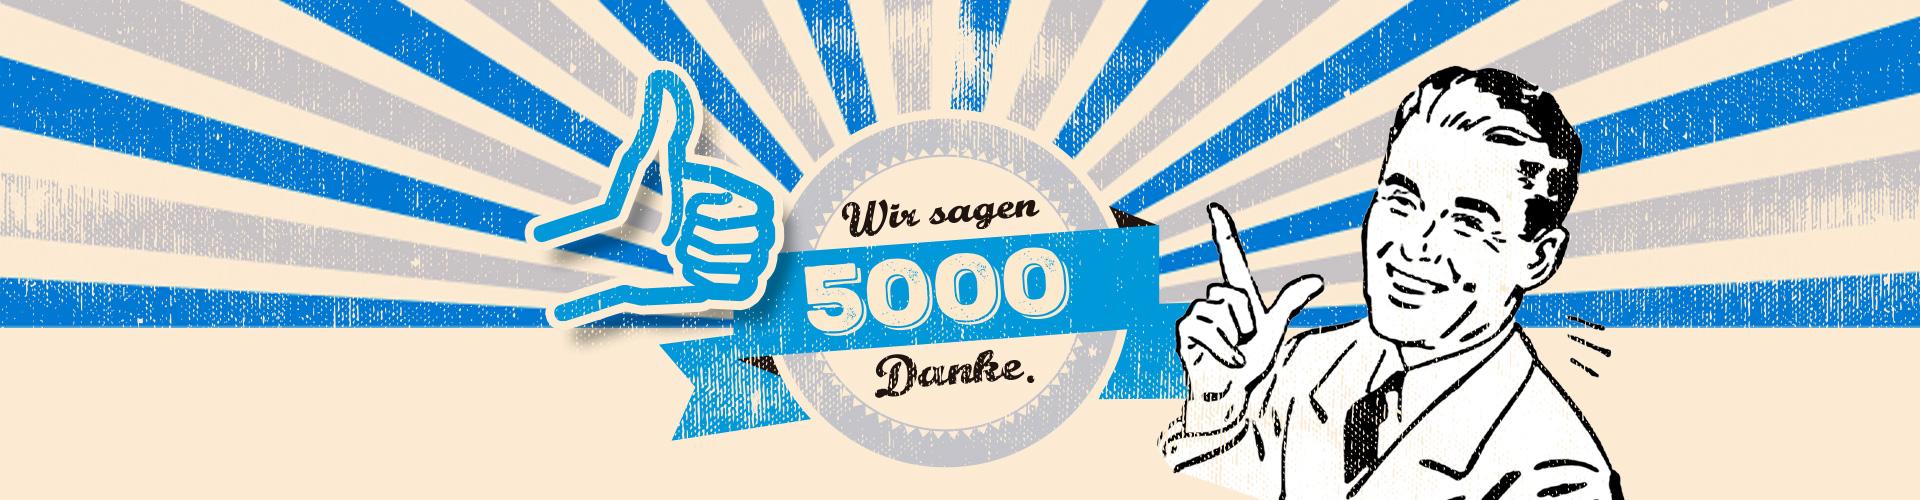 Fans Facebook Fanpage 5000